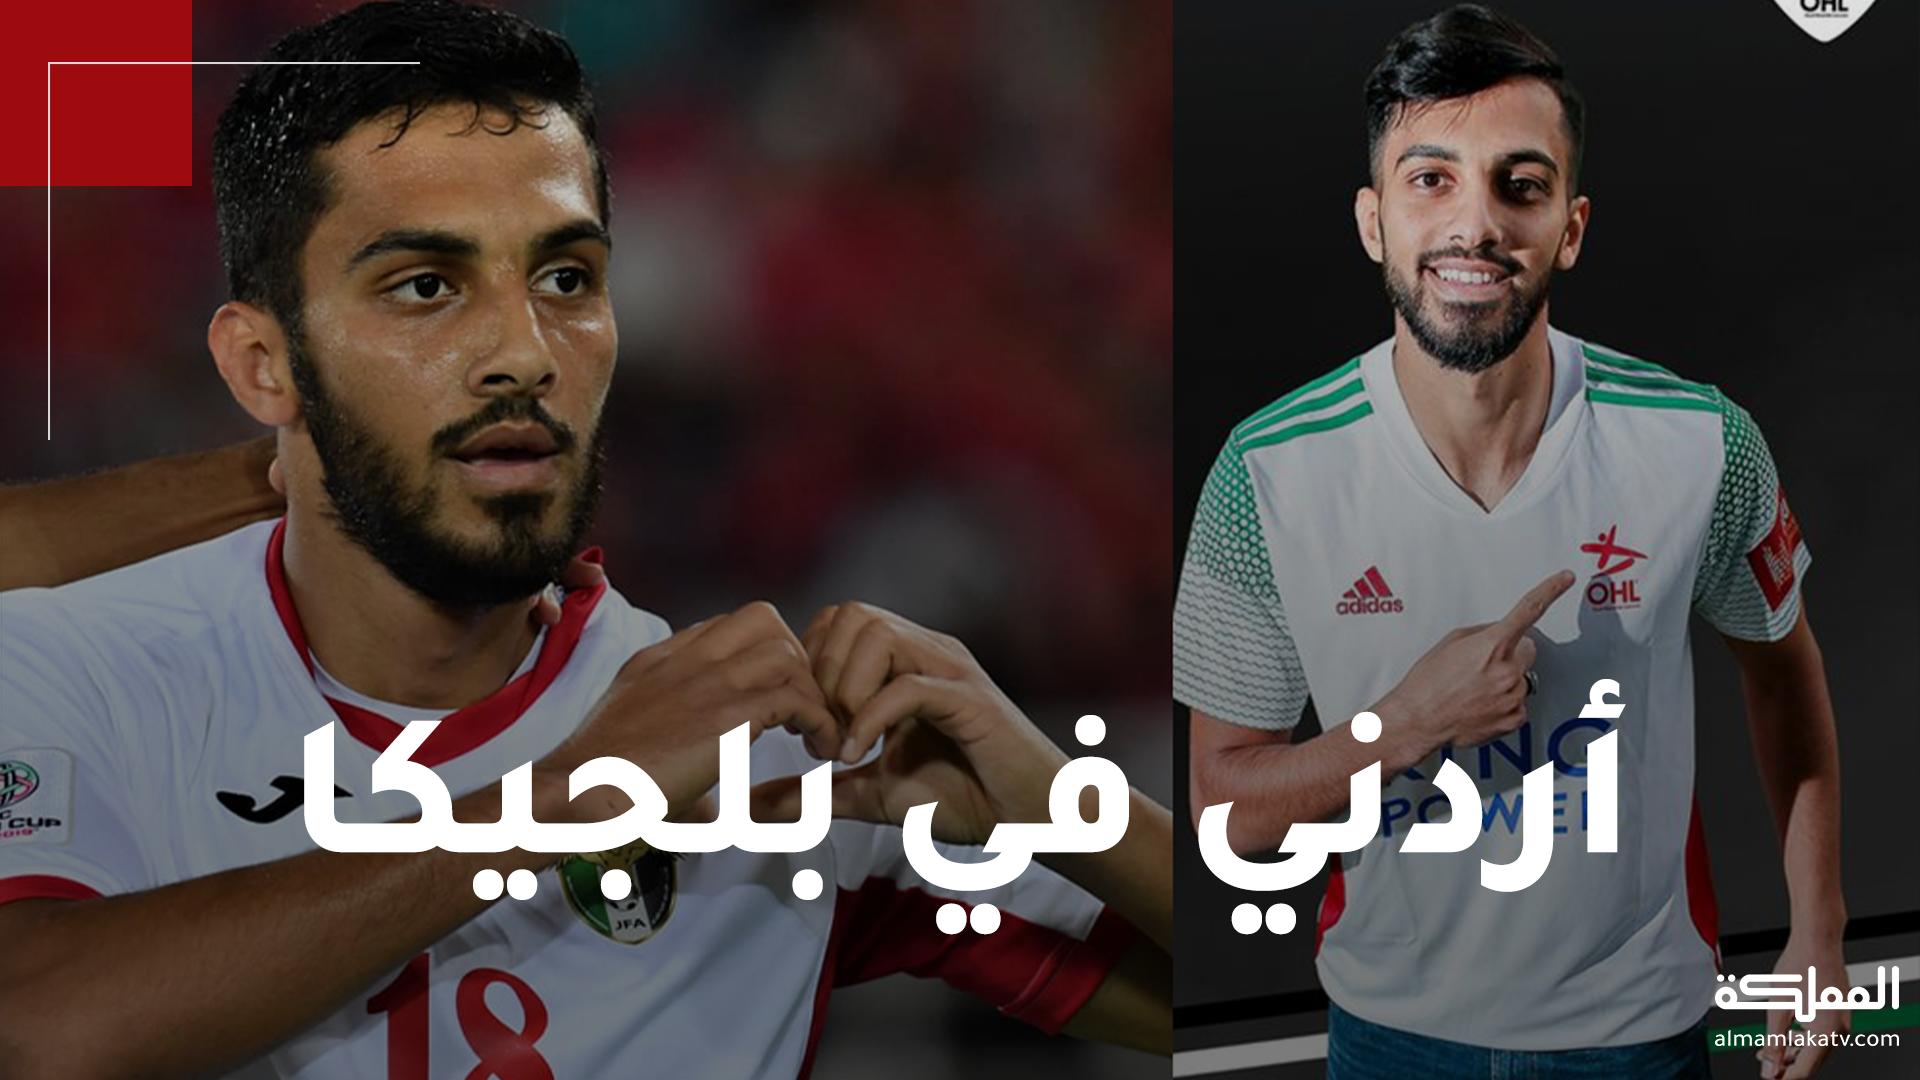 """تعليقات الأردنيين تكتسح حساب نادي """"آود هيفرلي لوفين"""" البلجيكي في فيسبوك"""